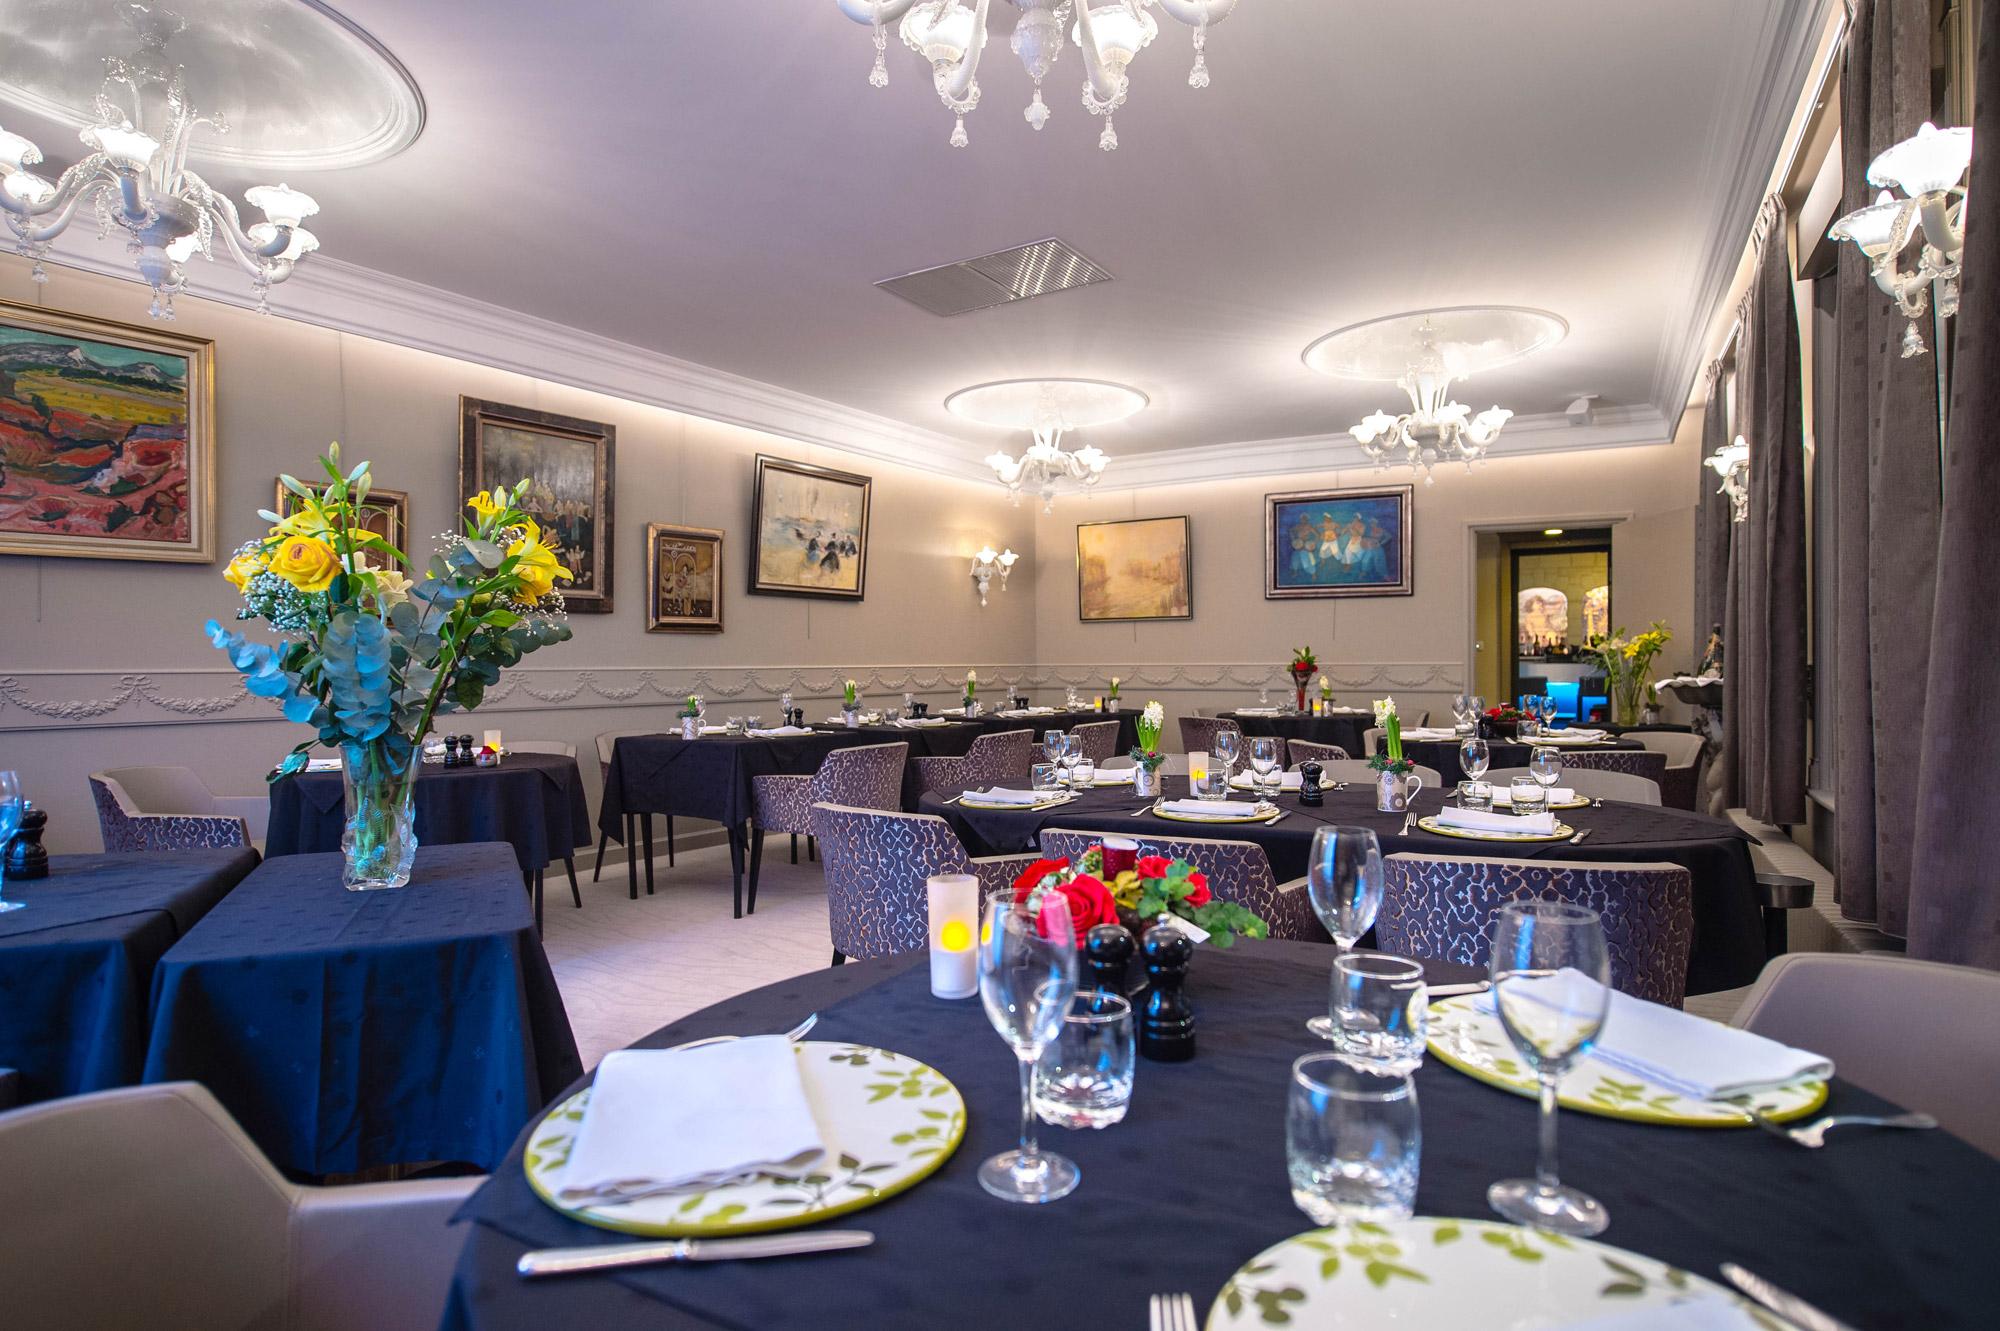 Salle de restaurant moderne et colorée avec tables dressées à l'hôtel La Terrasse à Douai